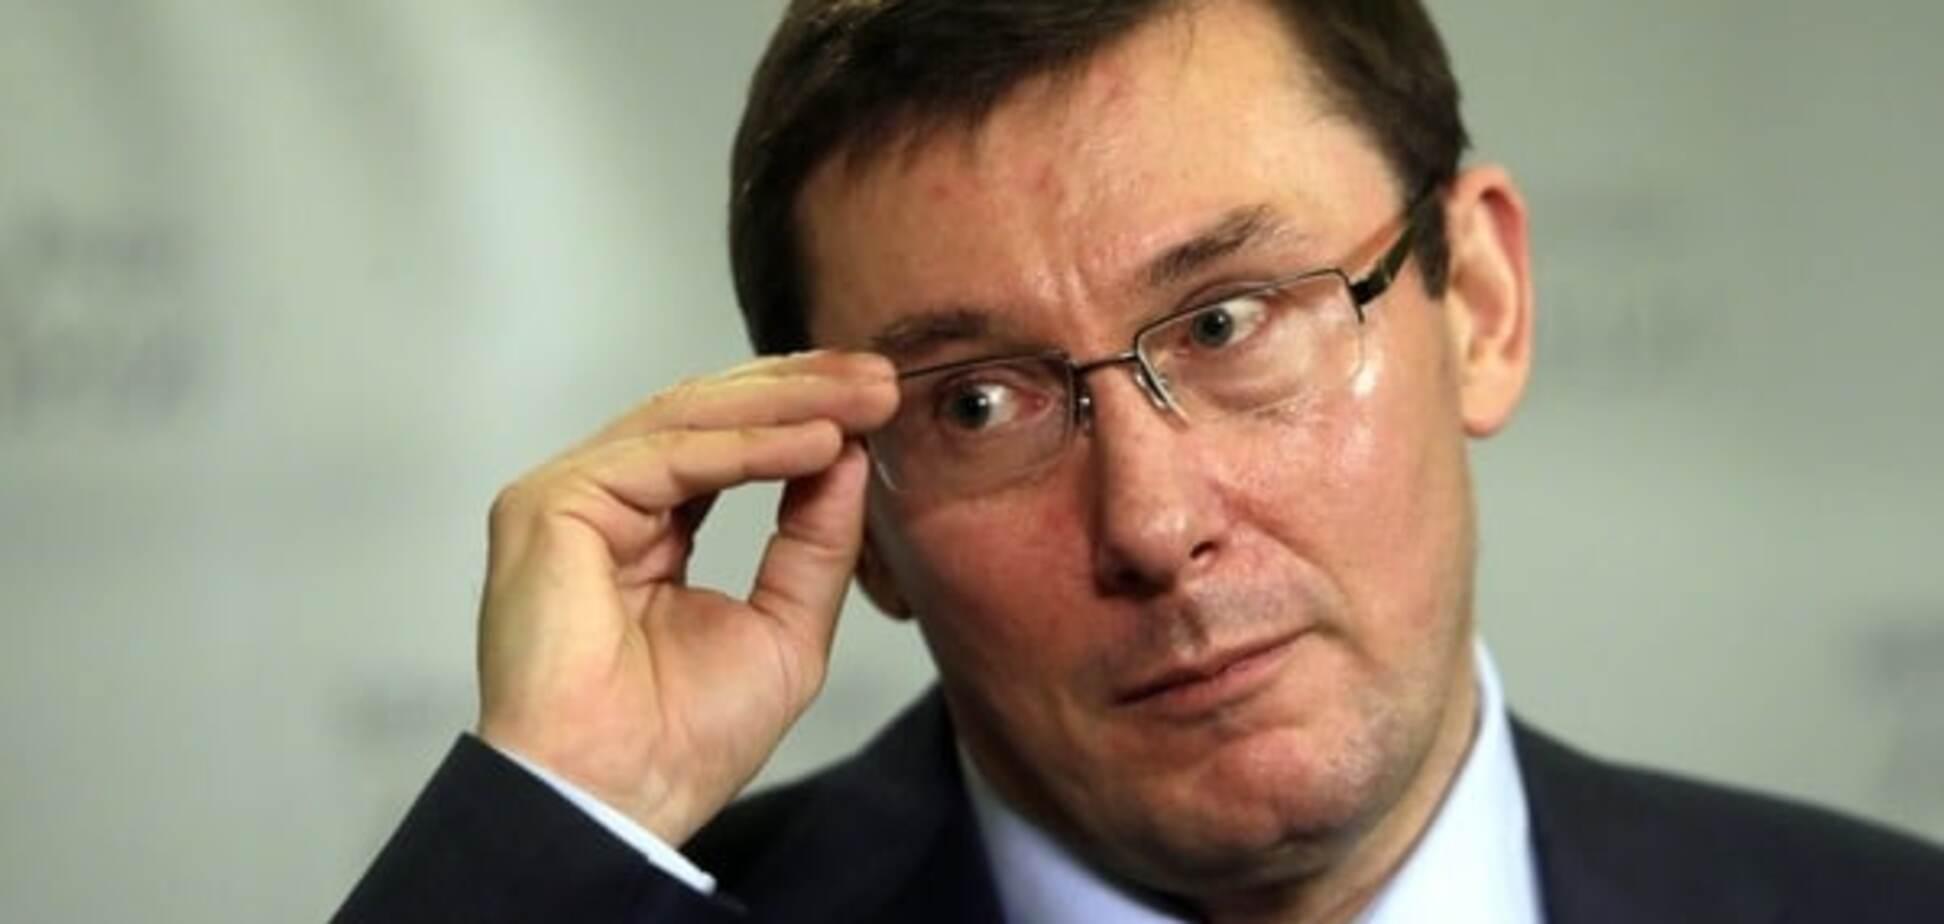 Луценка - в генпрокурори: Куликов розповів, як вимоги до посад змінюють під призначення